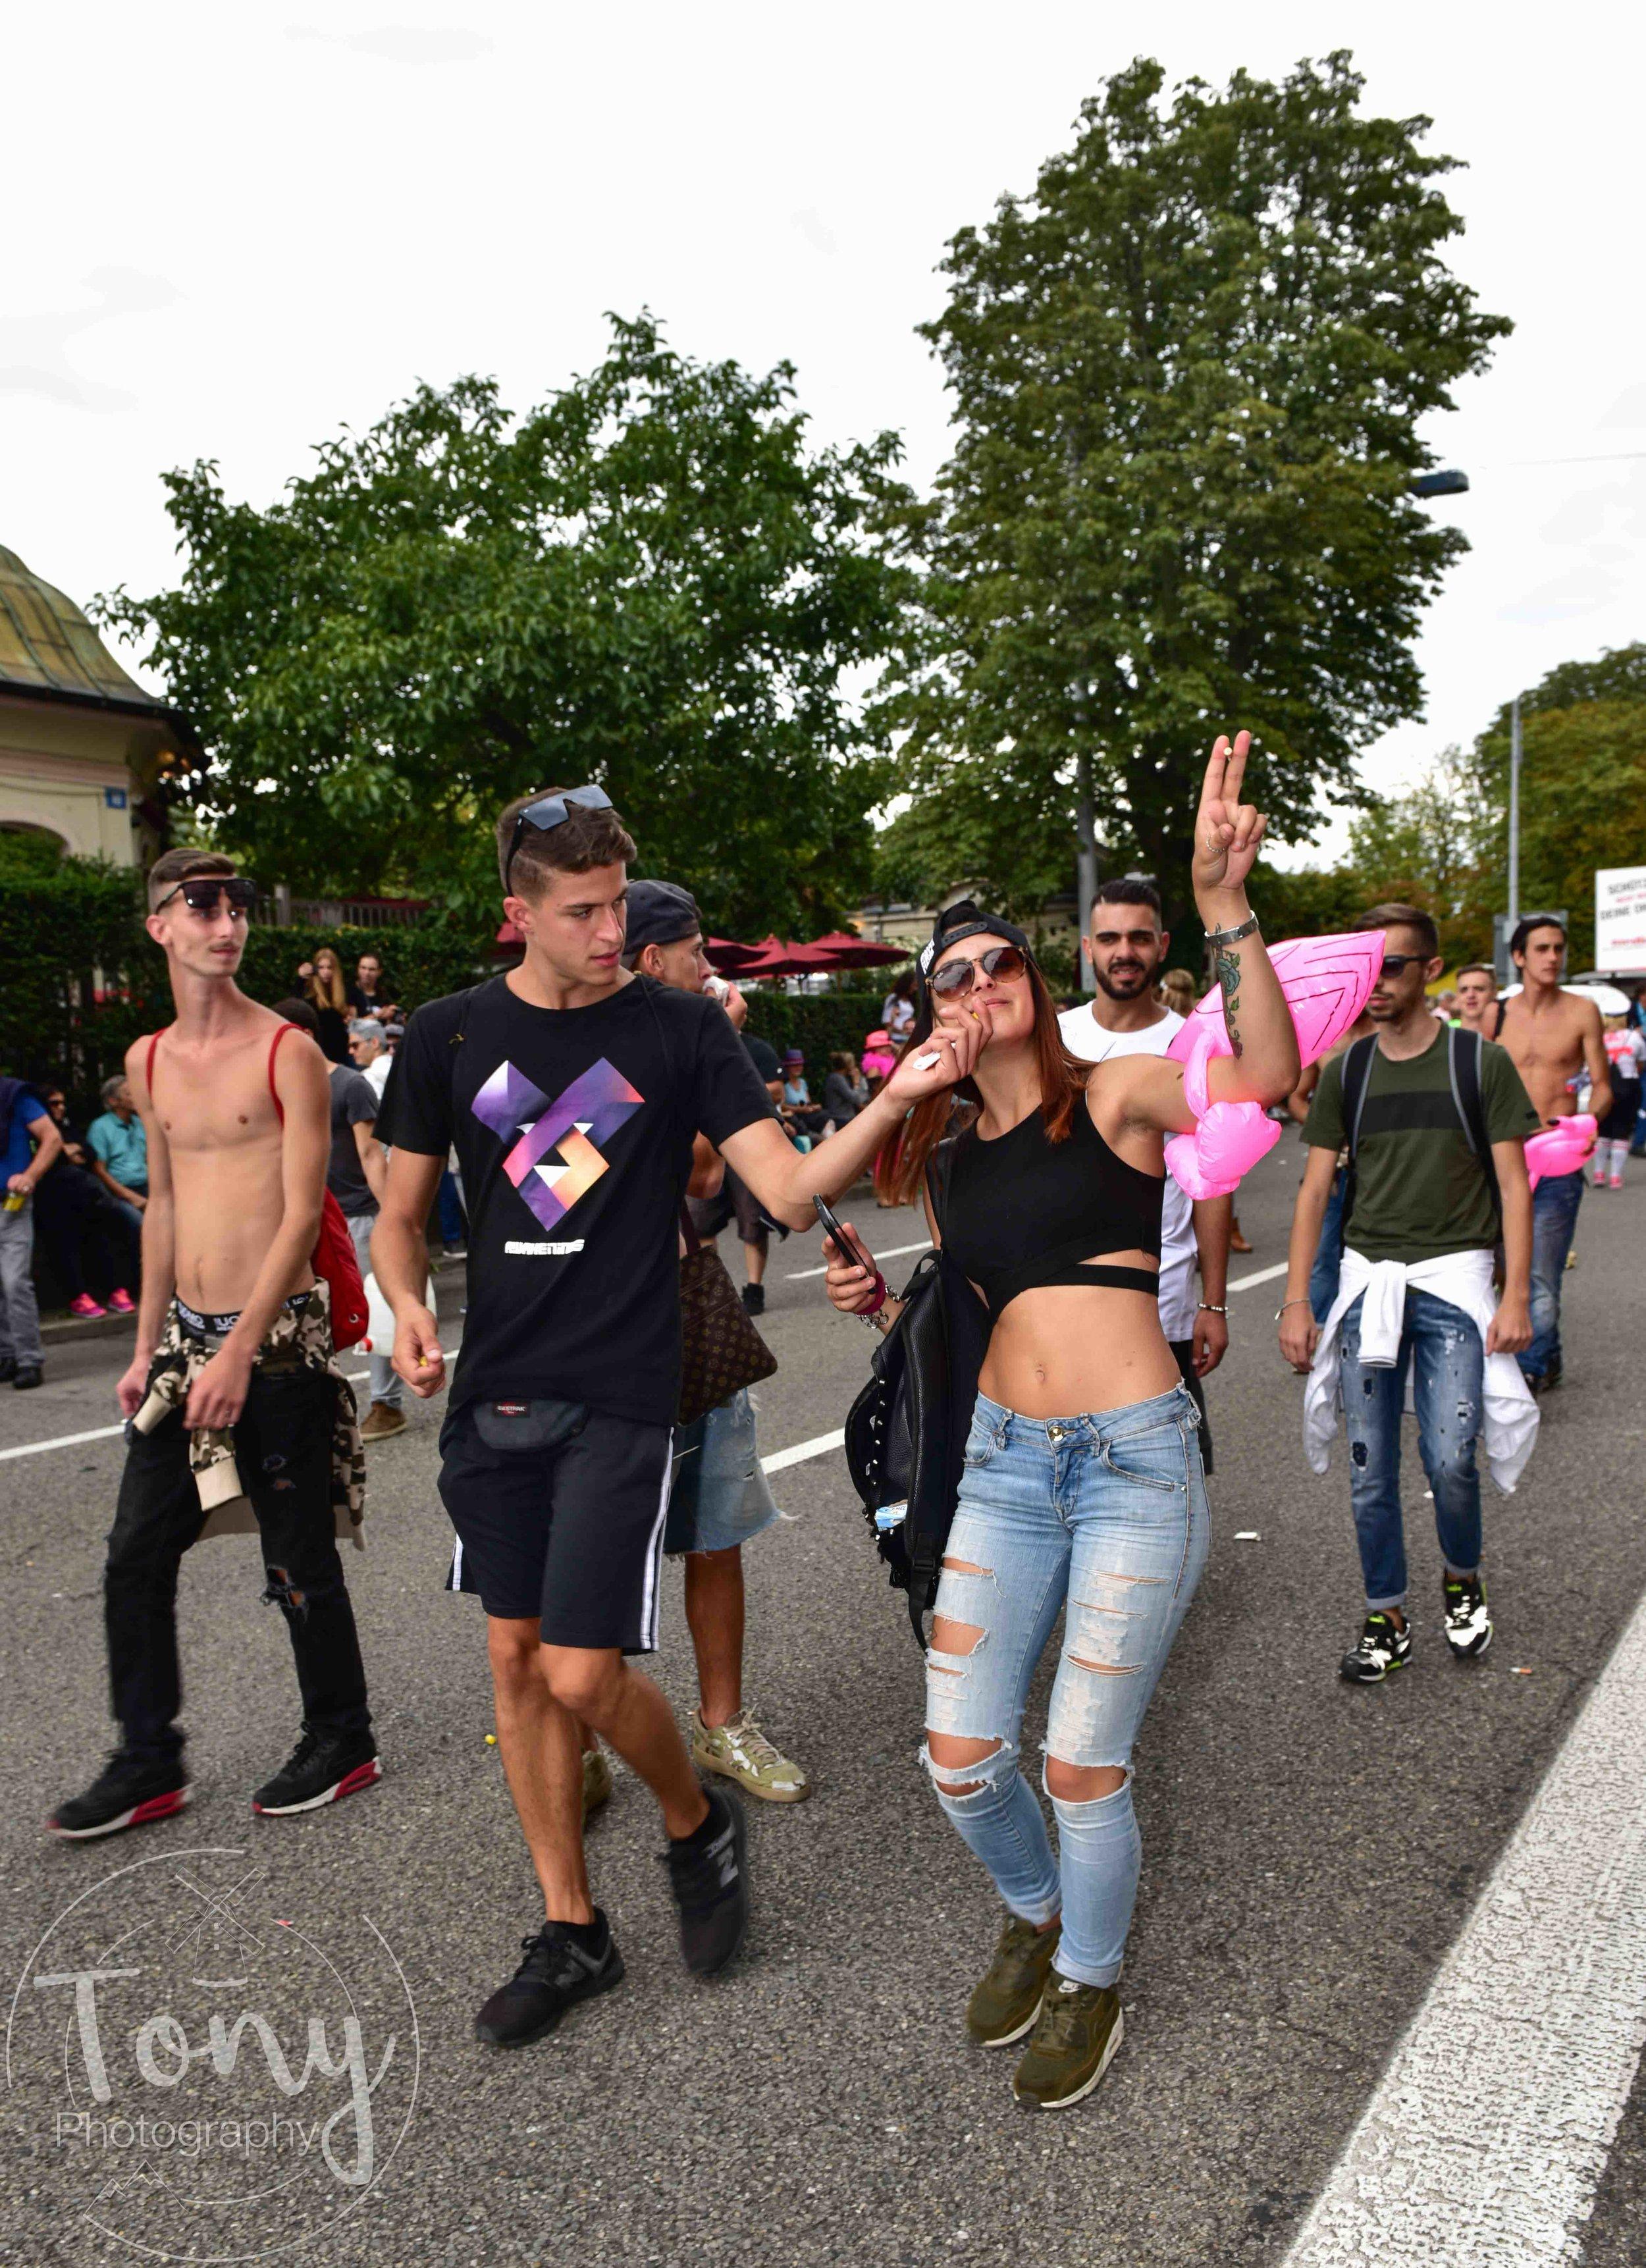 streetparade-57.jpg